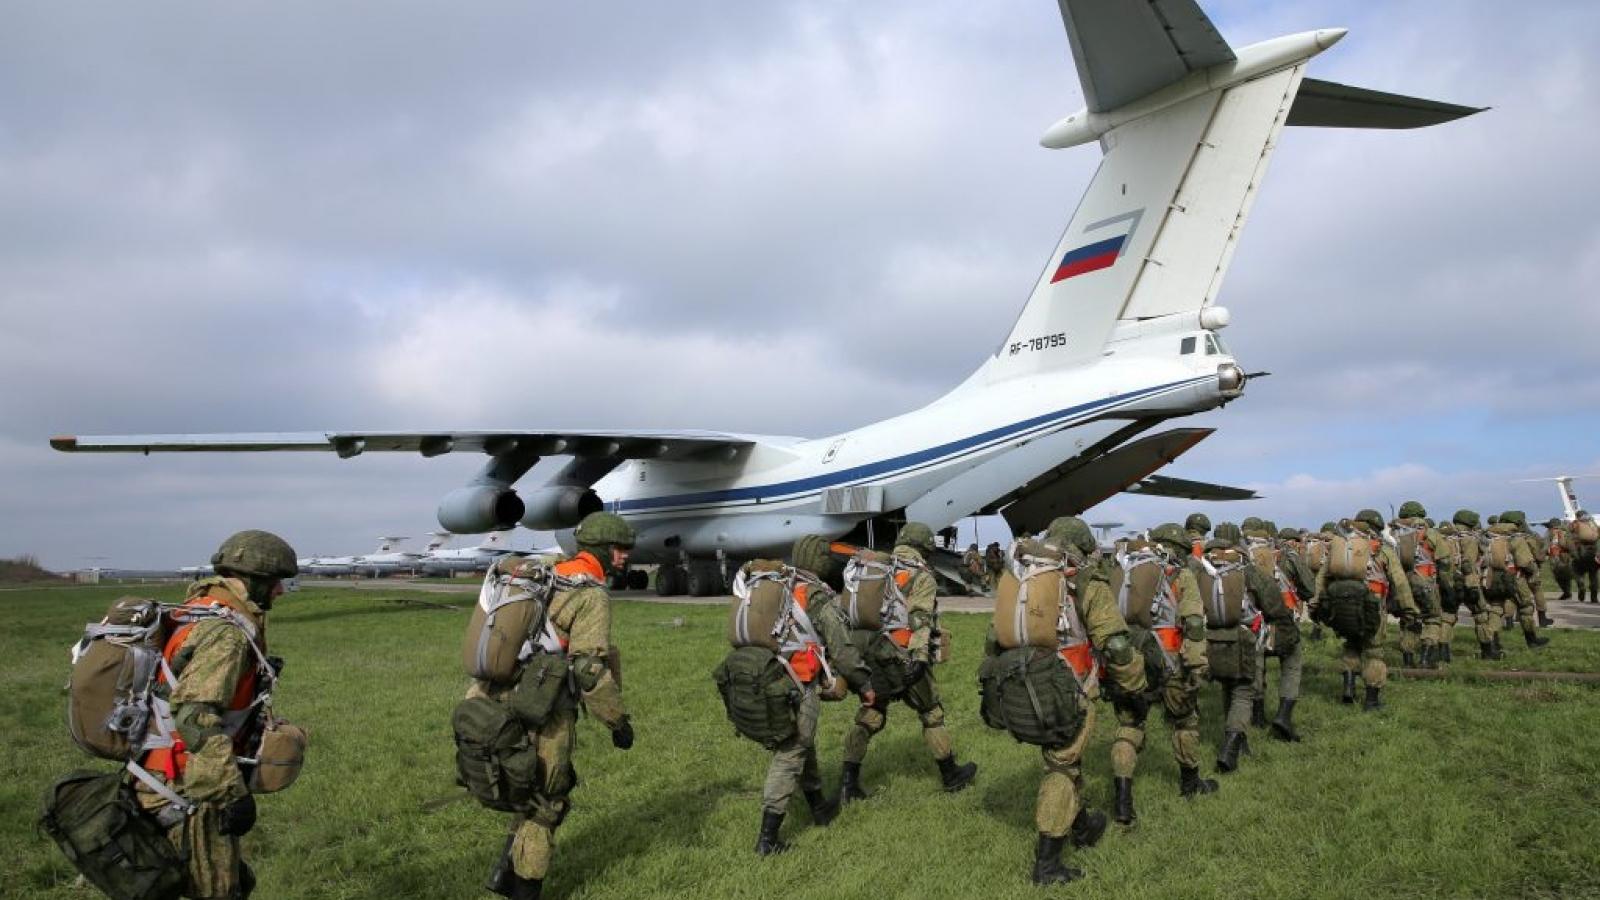 Thông điệp Nga gửi tới Ukraine và phương Tây sau quyết định rút quân khỏi biên giới